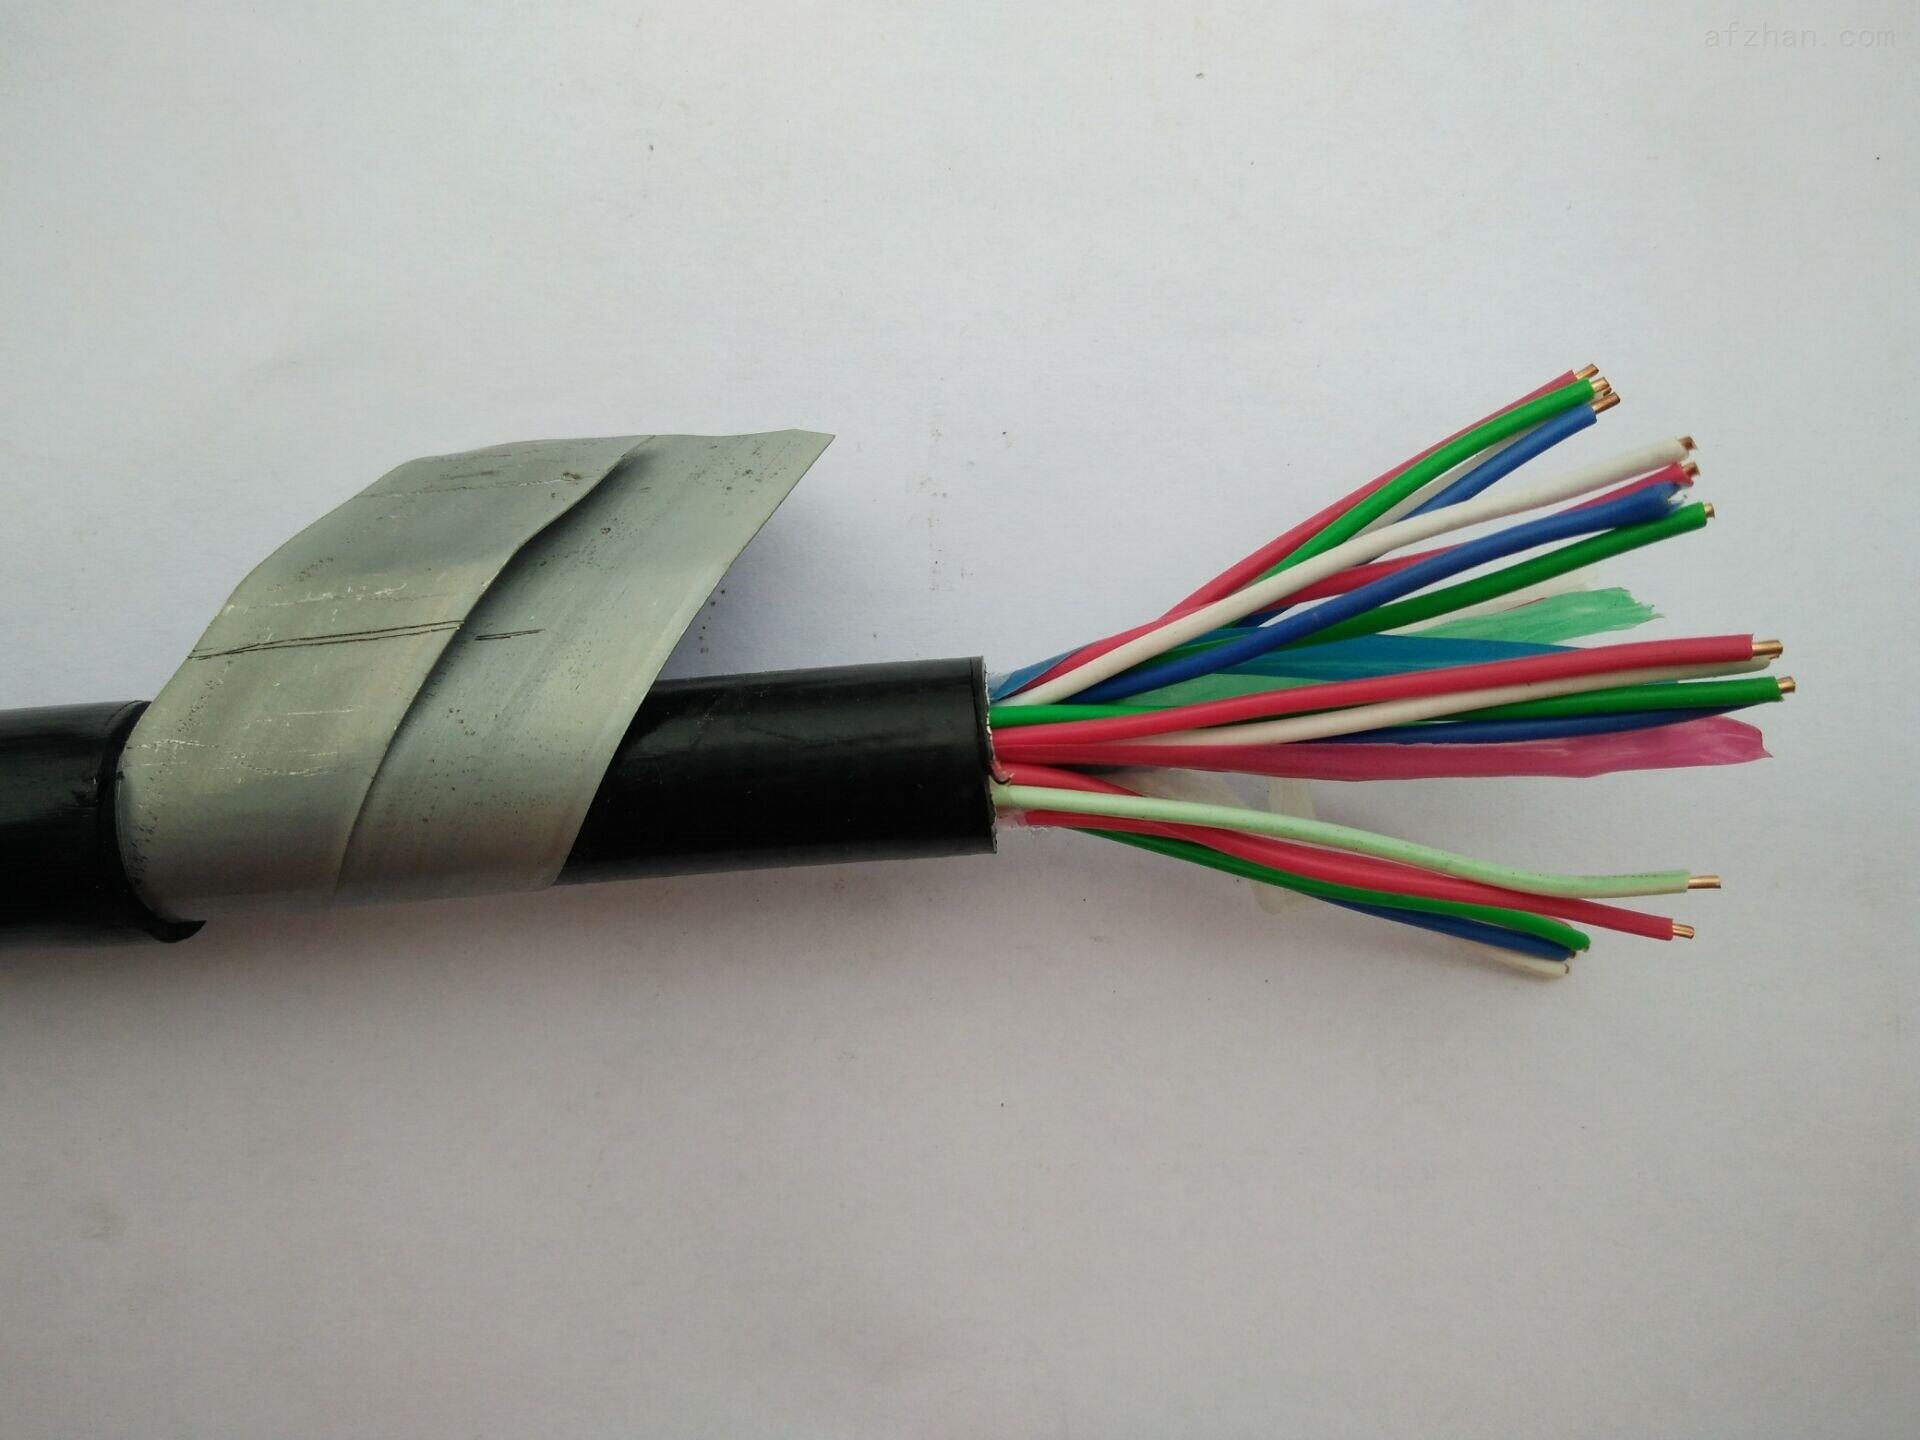 MHYA22 5x2x1.0矿用铠装通信电缆